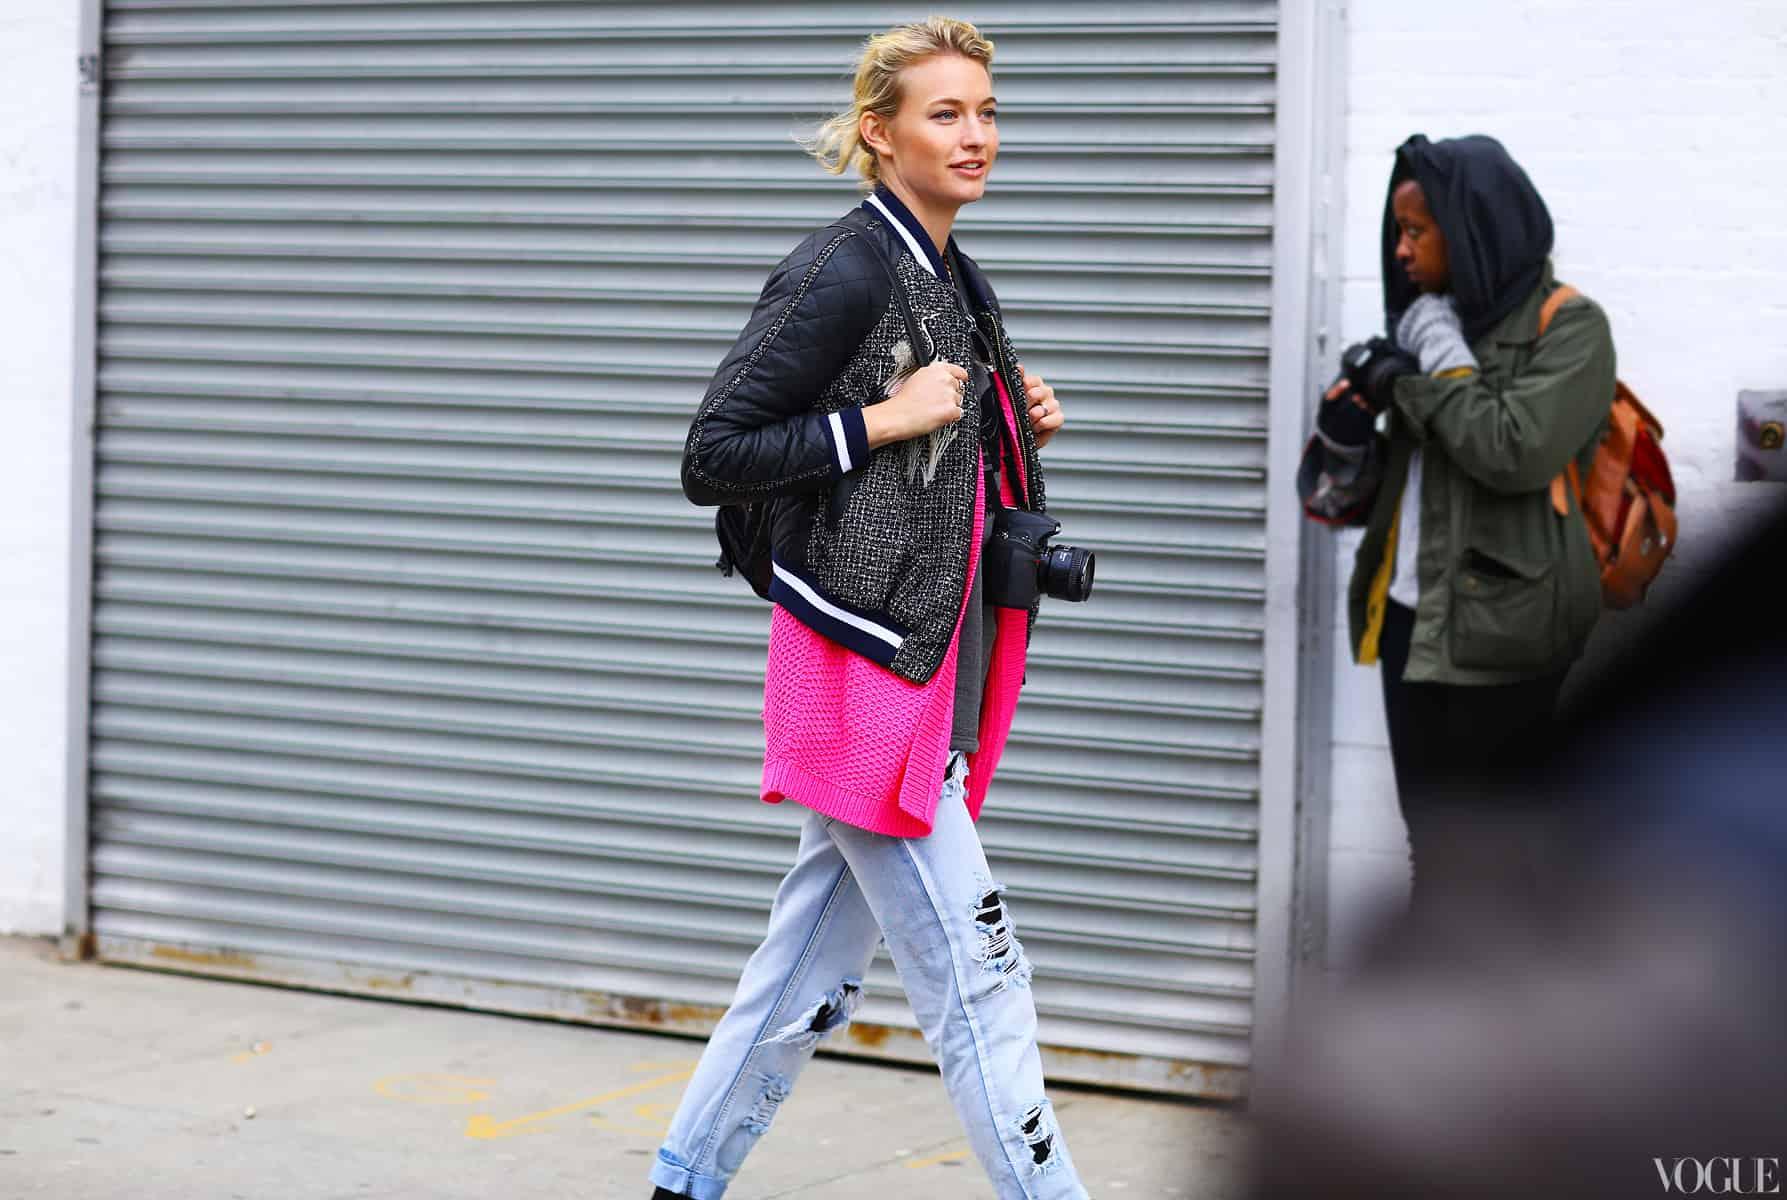 street-style-bomber-jacket-3